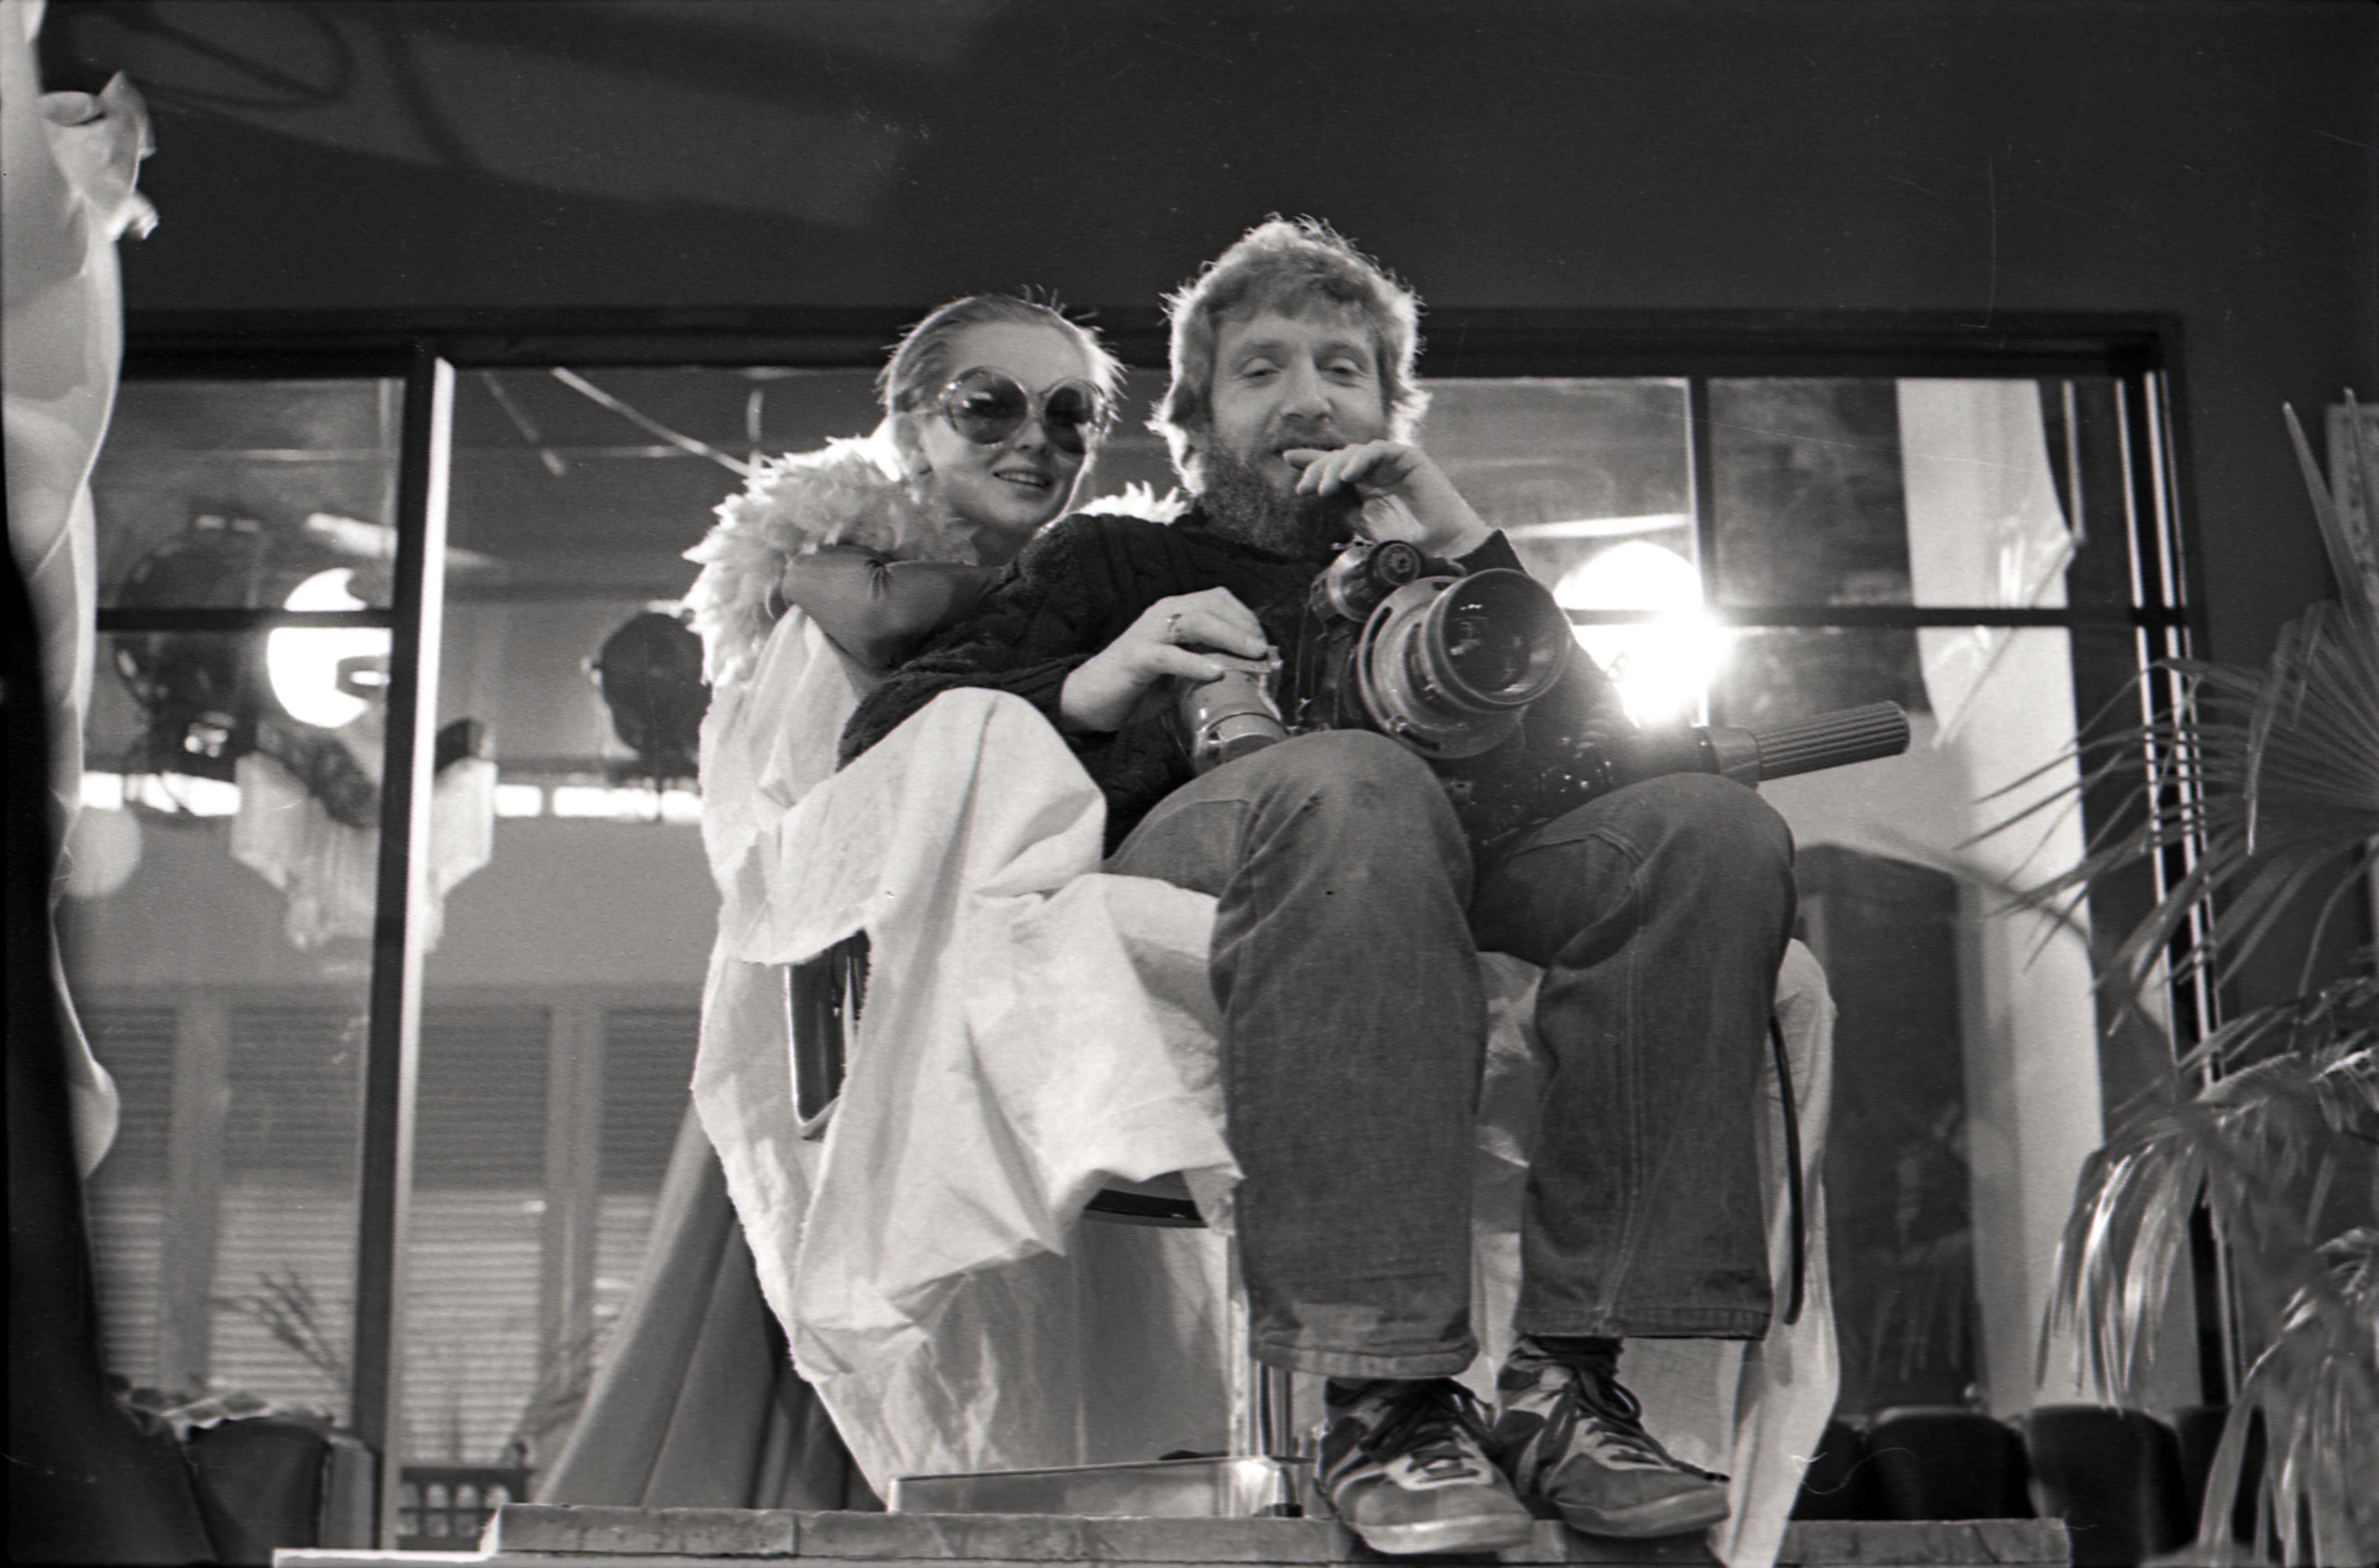 """Tallinnfilmi mängufilmi """"Hukkunud Alpinisti hotell"""" võtteplatsil. Operaator Jüri Sillart ja neiu Bruni osatäitja Nijole Oželyte. Foto: Viktor Mendunen, 1978–79, EFA 0-340761"""